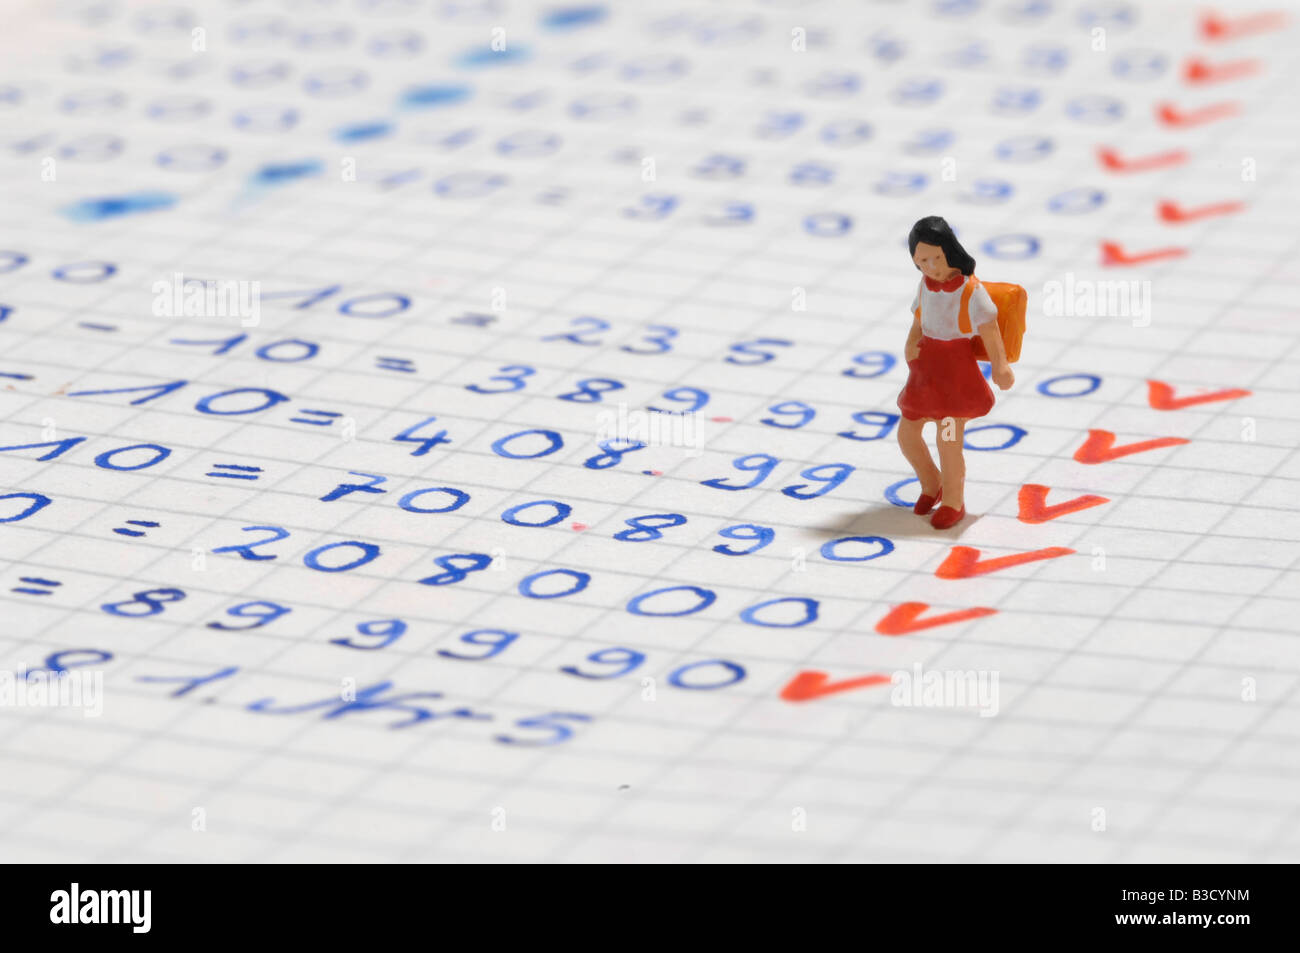 Figurine of Schoolgirl on exercise book - Stock Image